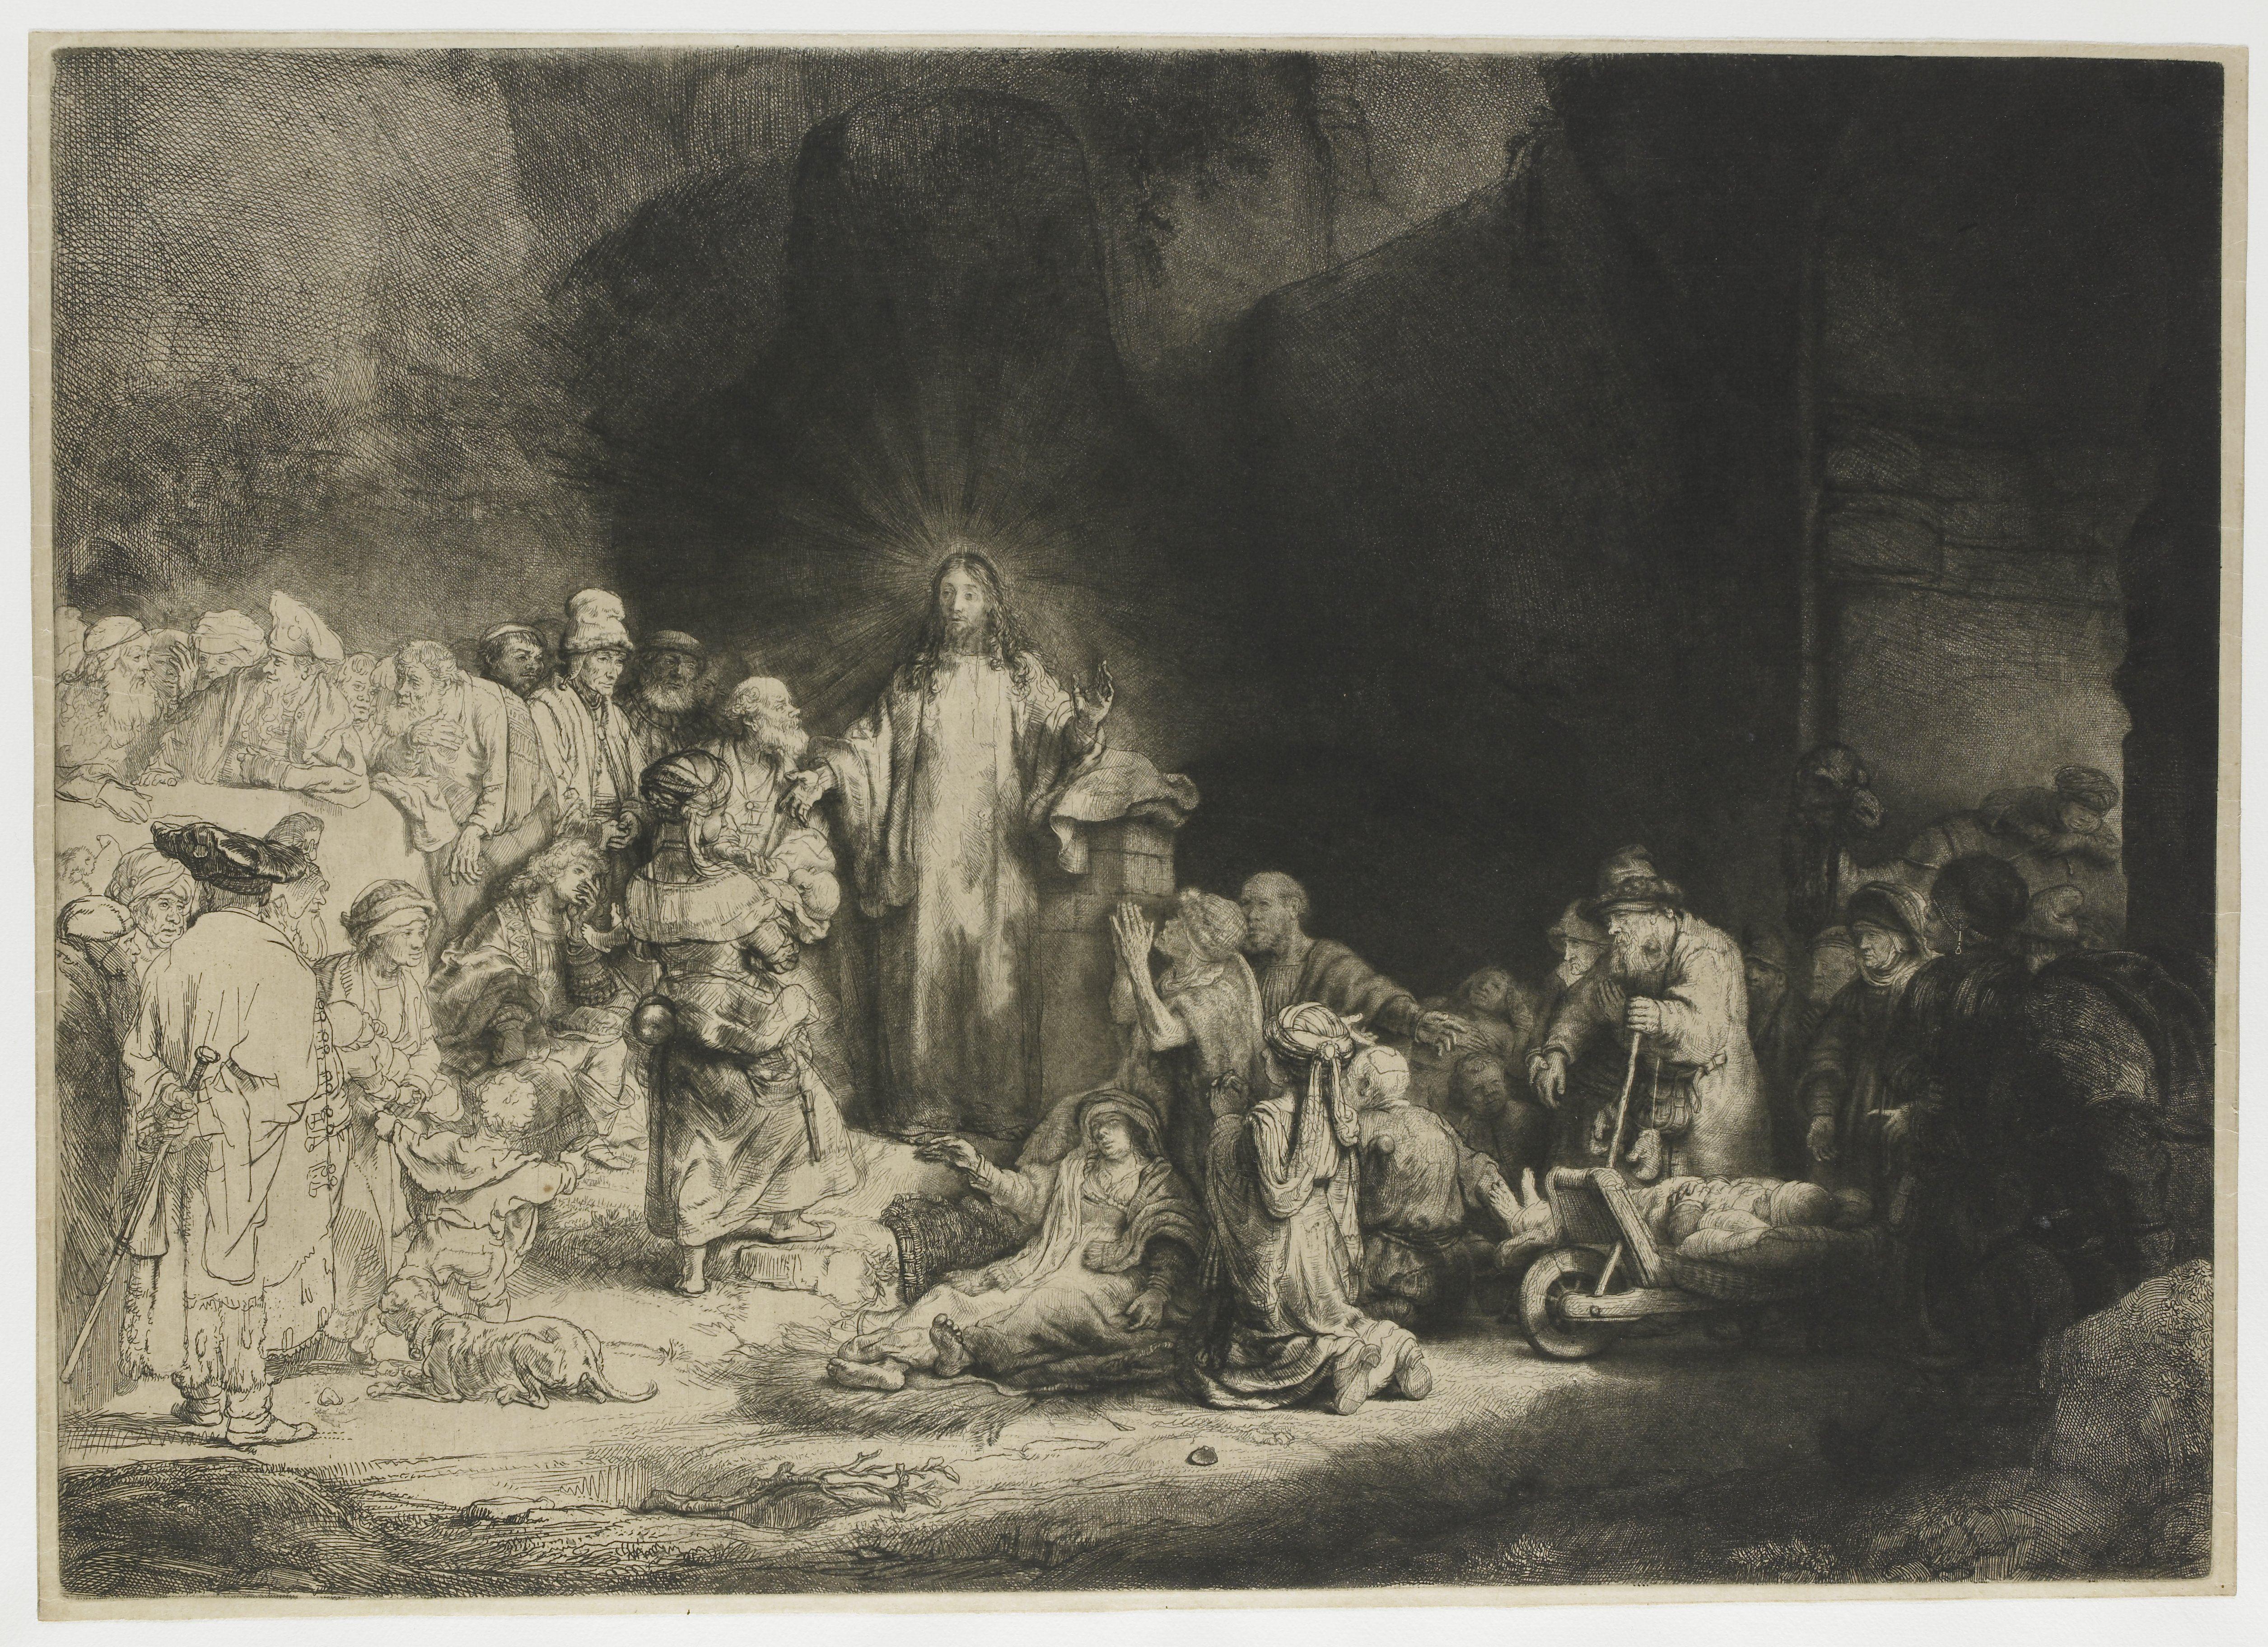 Rembrandt_The_Hundred_Guilder_Print.jpg